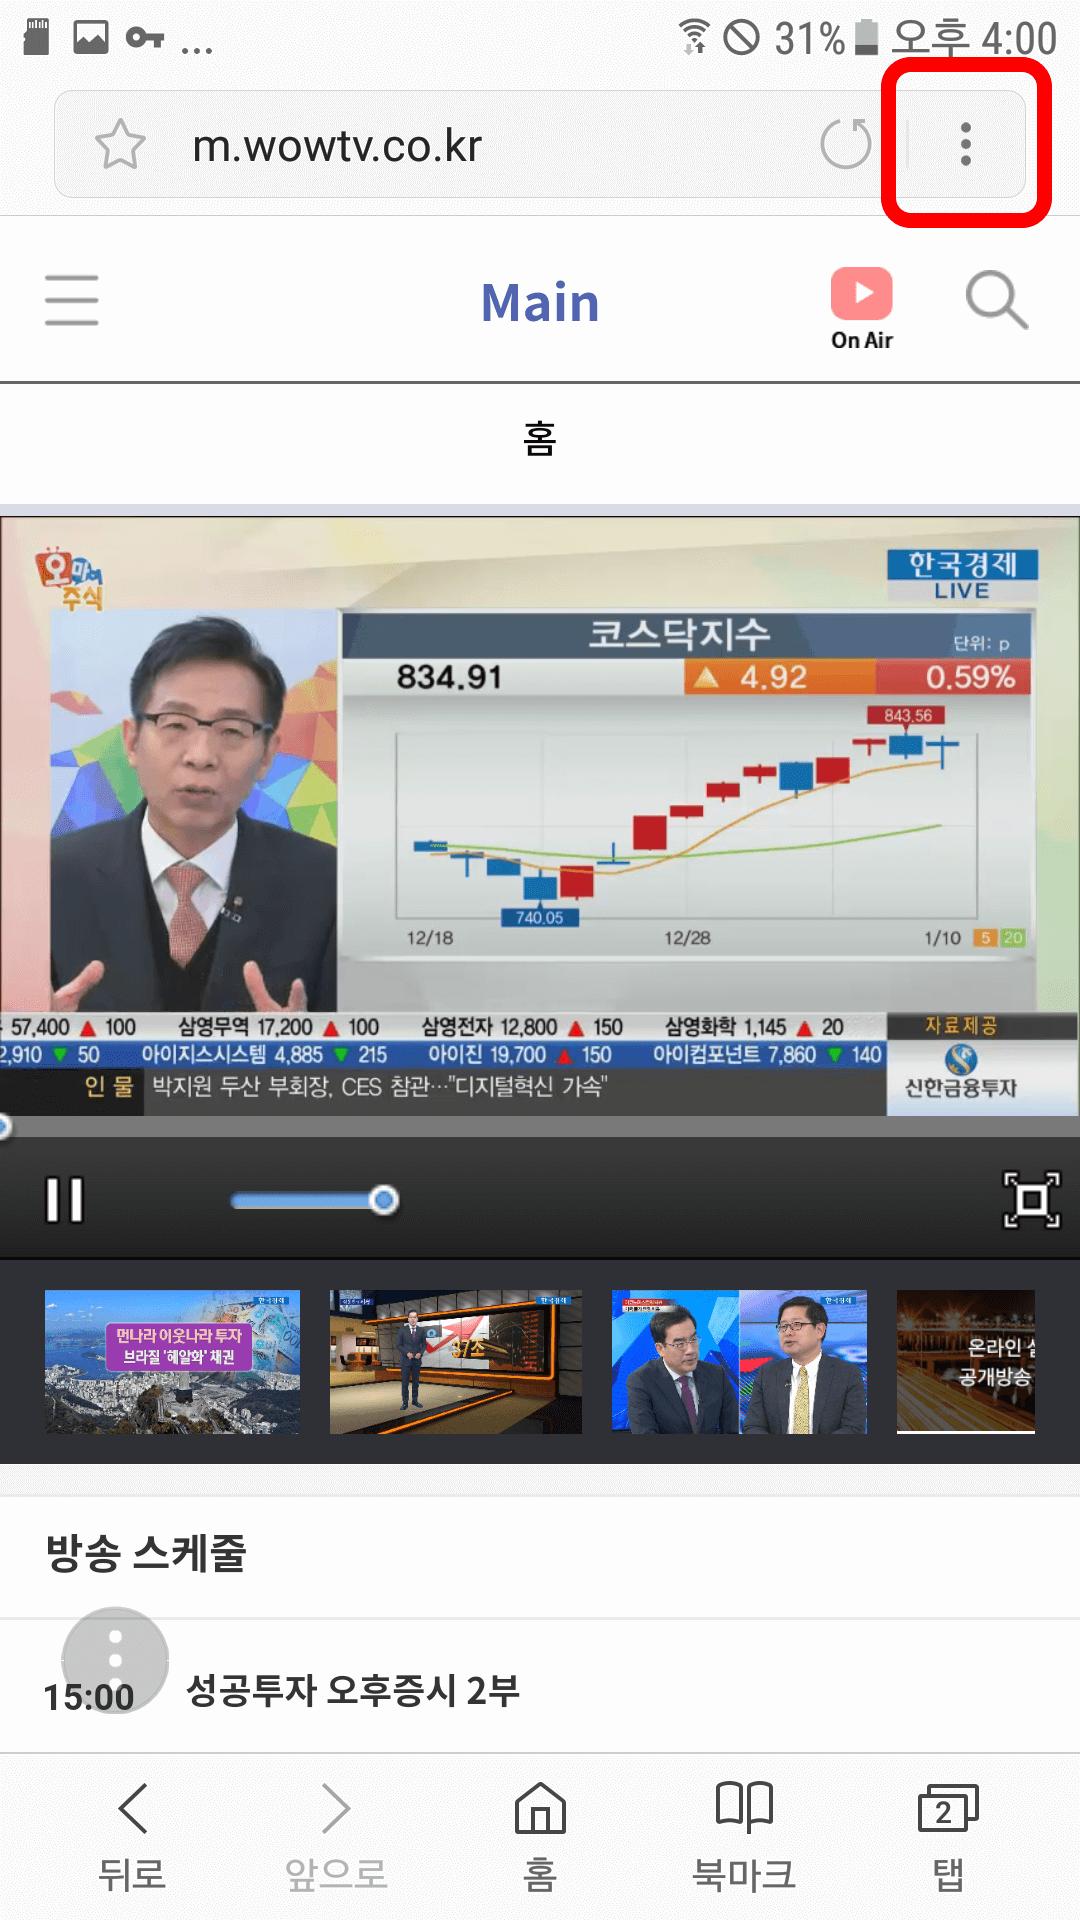 한국경제TV 모바일웹 화면에서 [북마크] 터치 설명을 돕기 위한 예시